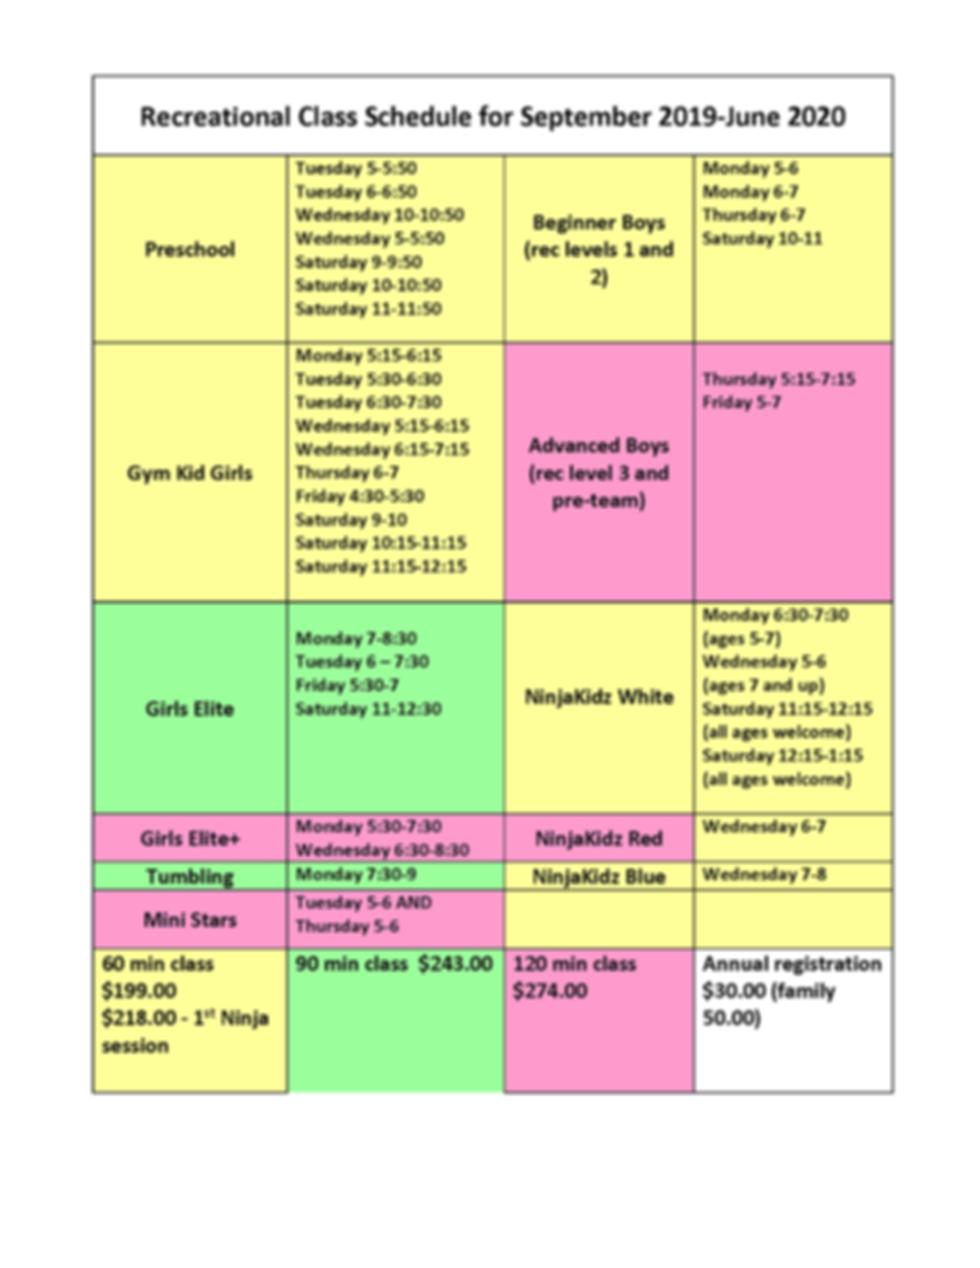 Rec class sch 2-4-20.png